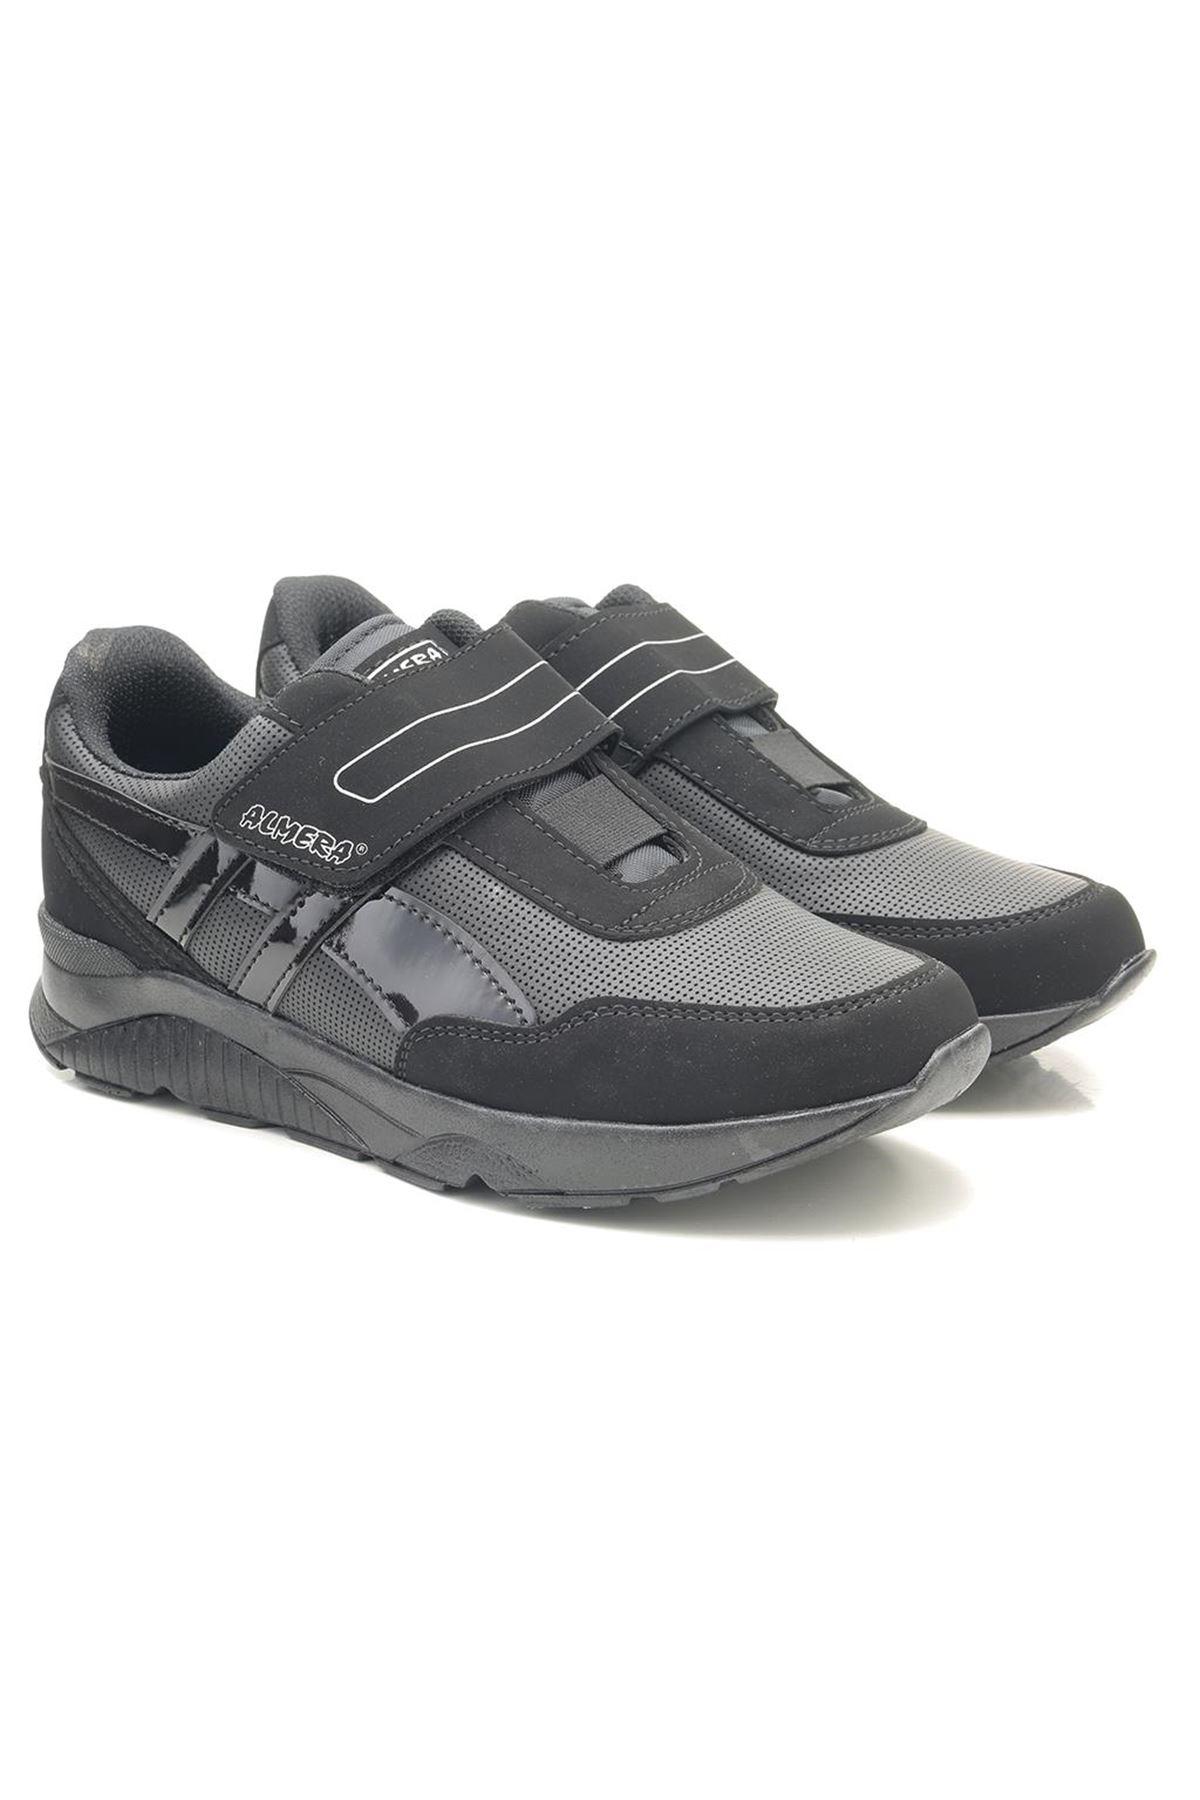 Lady W9963 Cırtlı Kadın Spor Ayakkabı, Yürüyüş Ayakkabısı